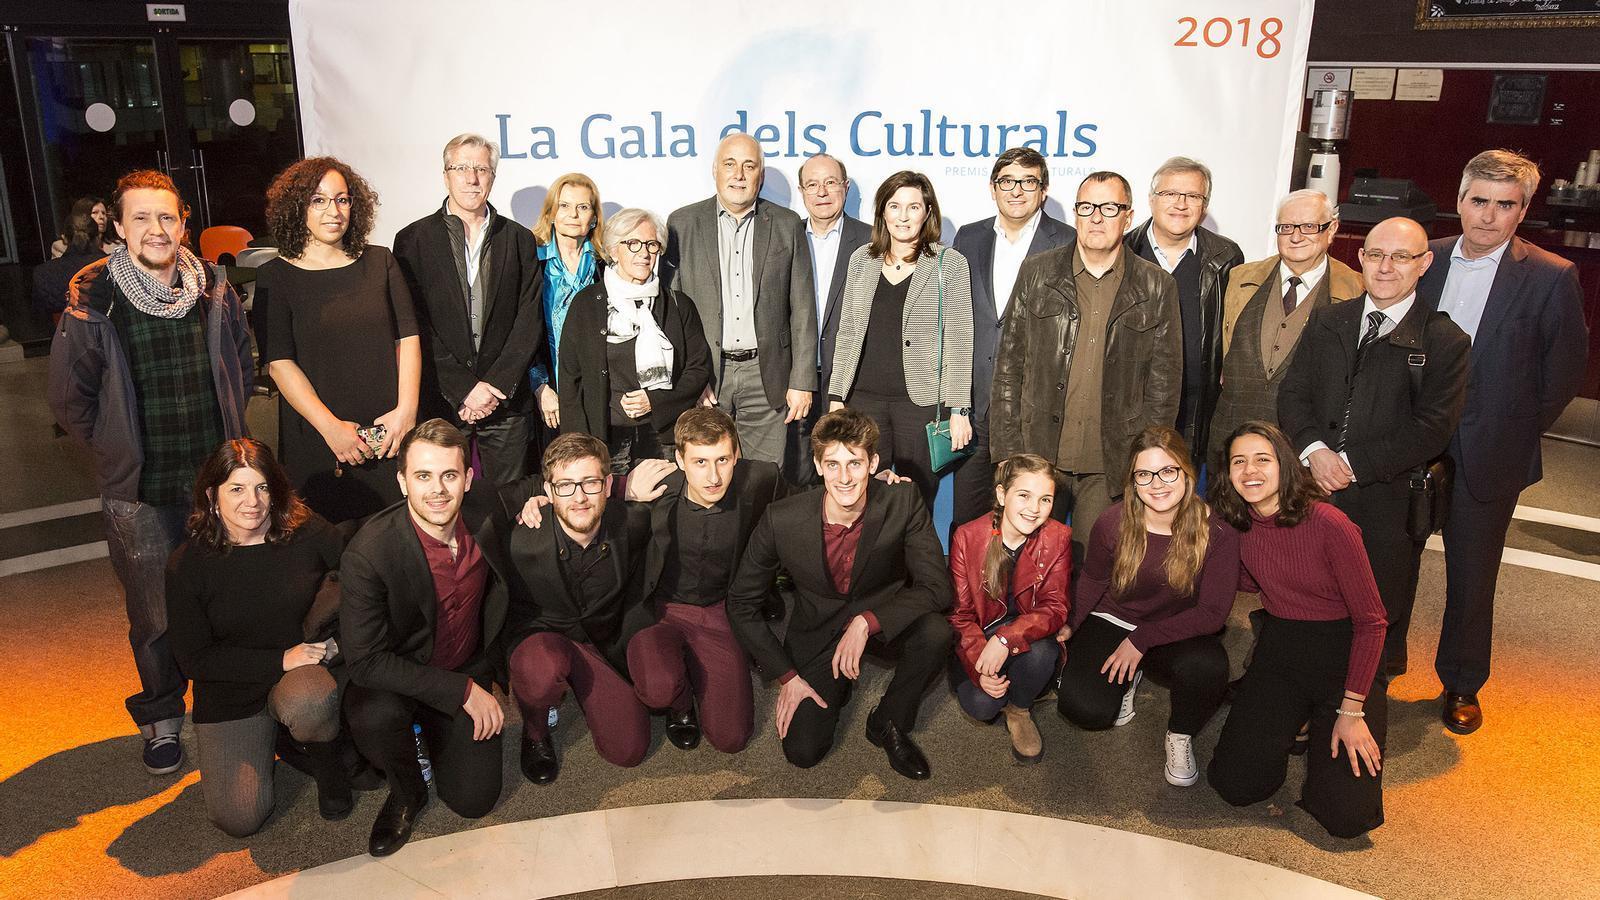 Foto de família dels premiats en les darreres edicions en les diferents disciplines, juntament amb els representants institucionals de BBVA i la FACC